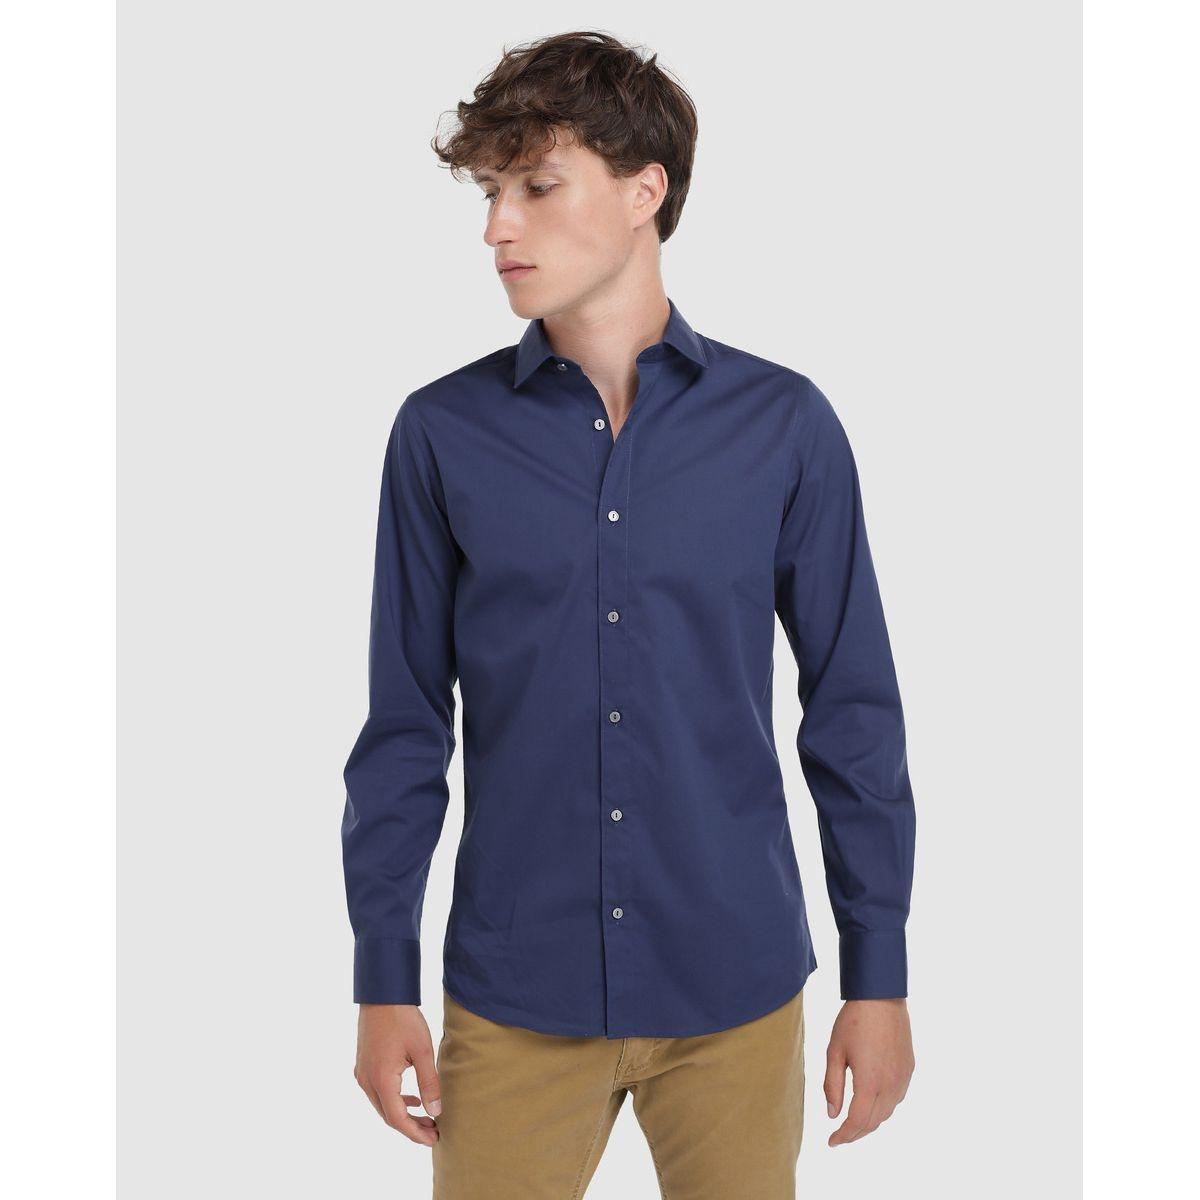 Chemise habillée skinny repassage facile unie